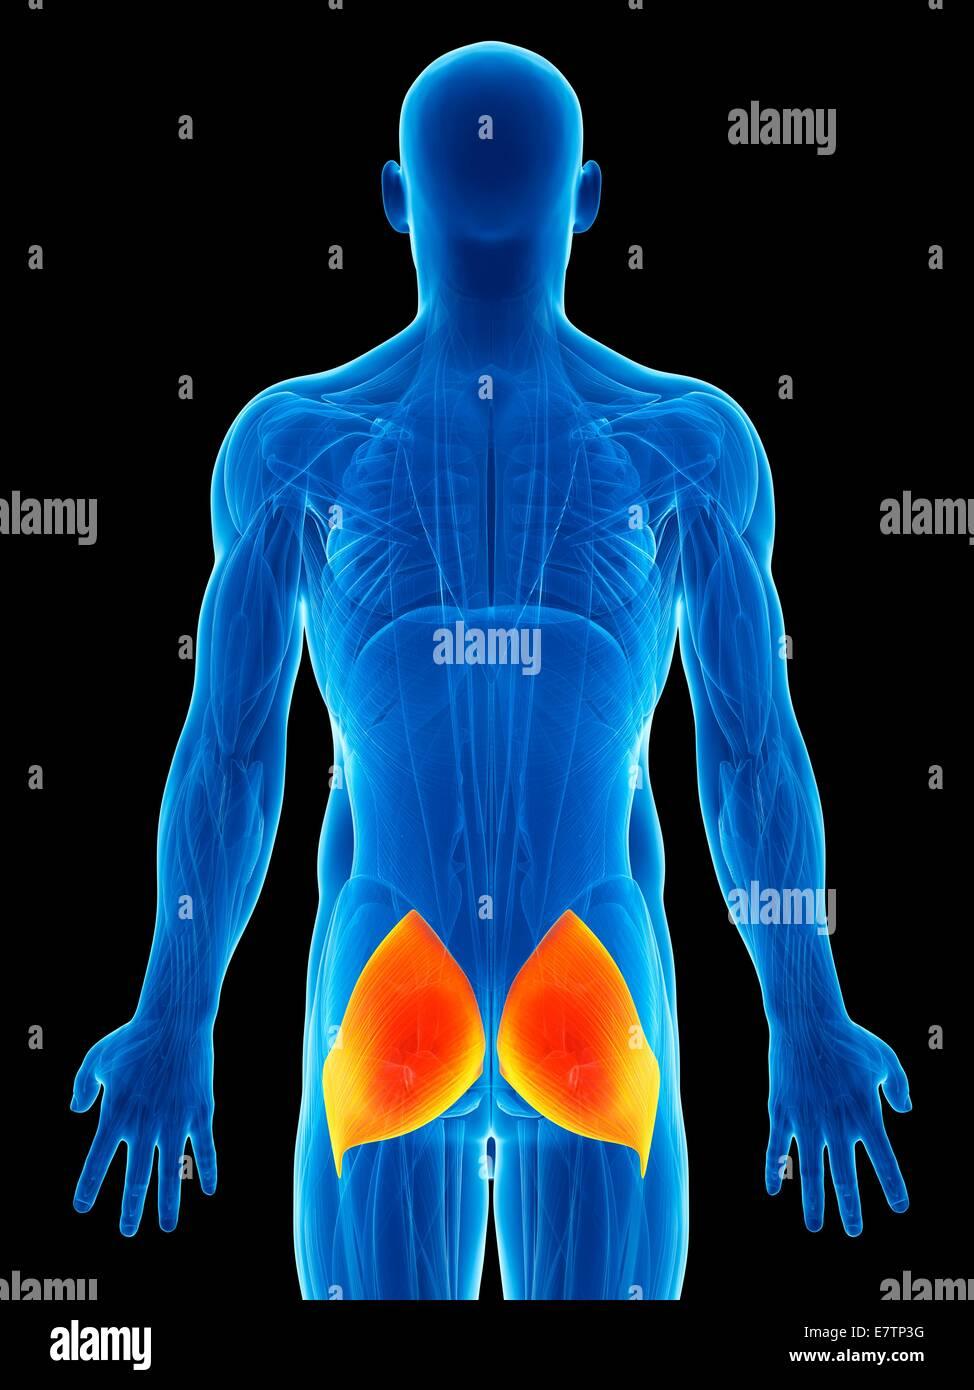 Gluteus Maximus Muscle Stockfotos & Gluteus Maximus Muscle Bilder ...